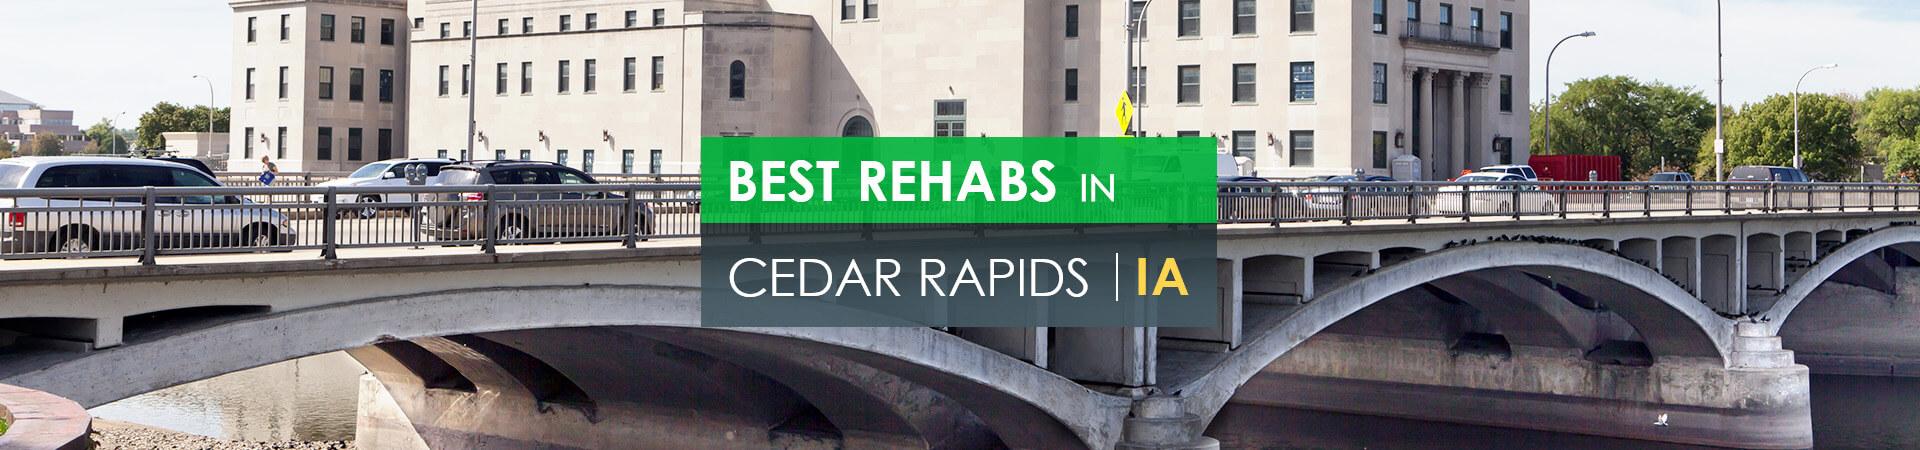 Best rehabs in Cedar Rapids, IA